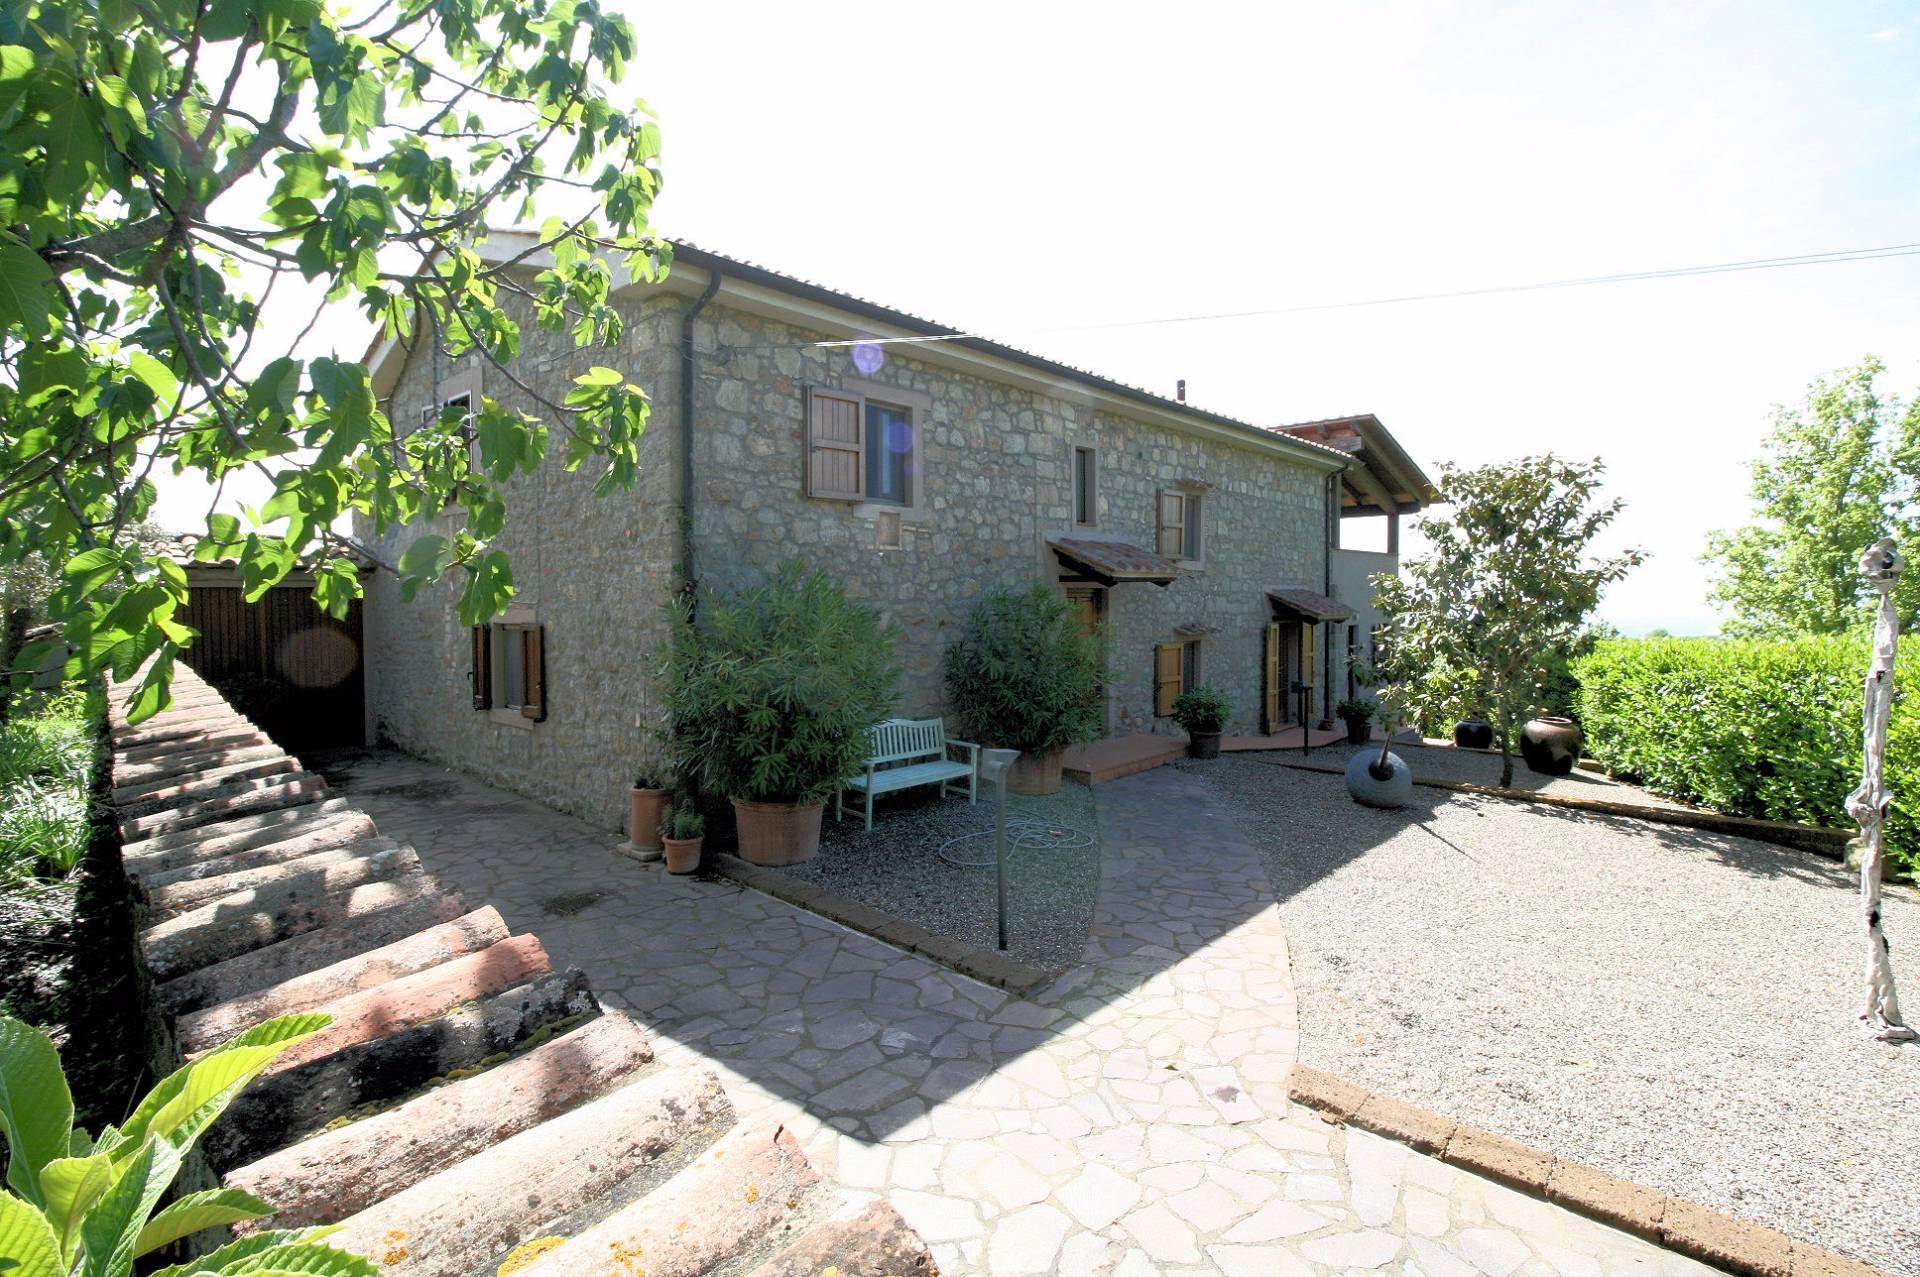 Azienda Agricola in vendita a Roccastrada, 12 locali, zona Zona: Sassofortino, prezzo € 1.100.000 | Cambio Casa.it